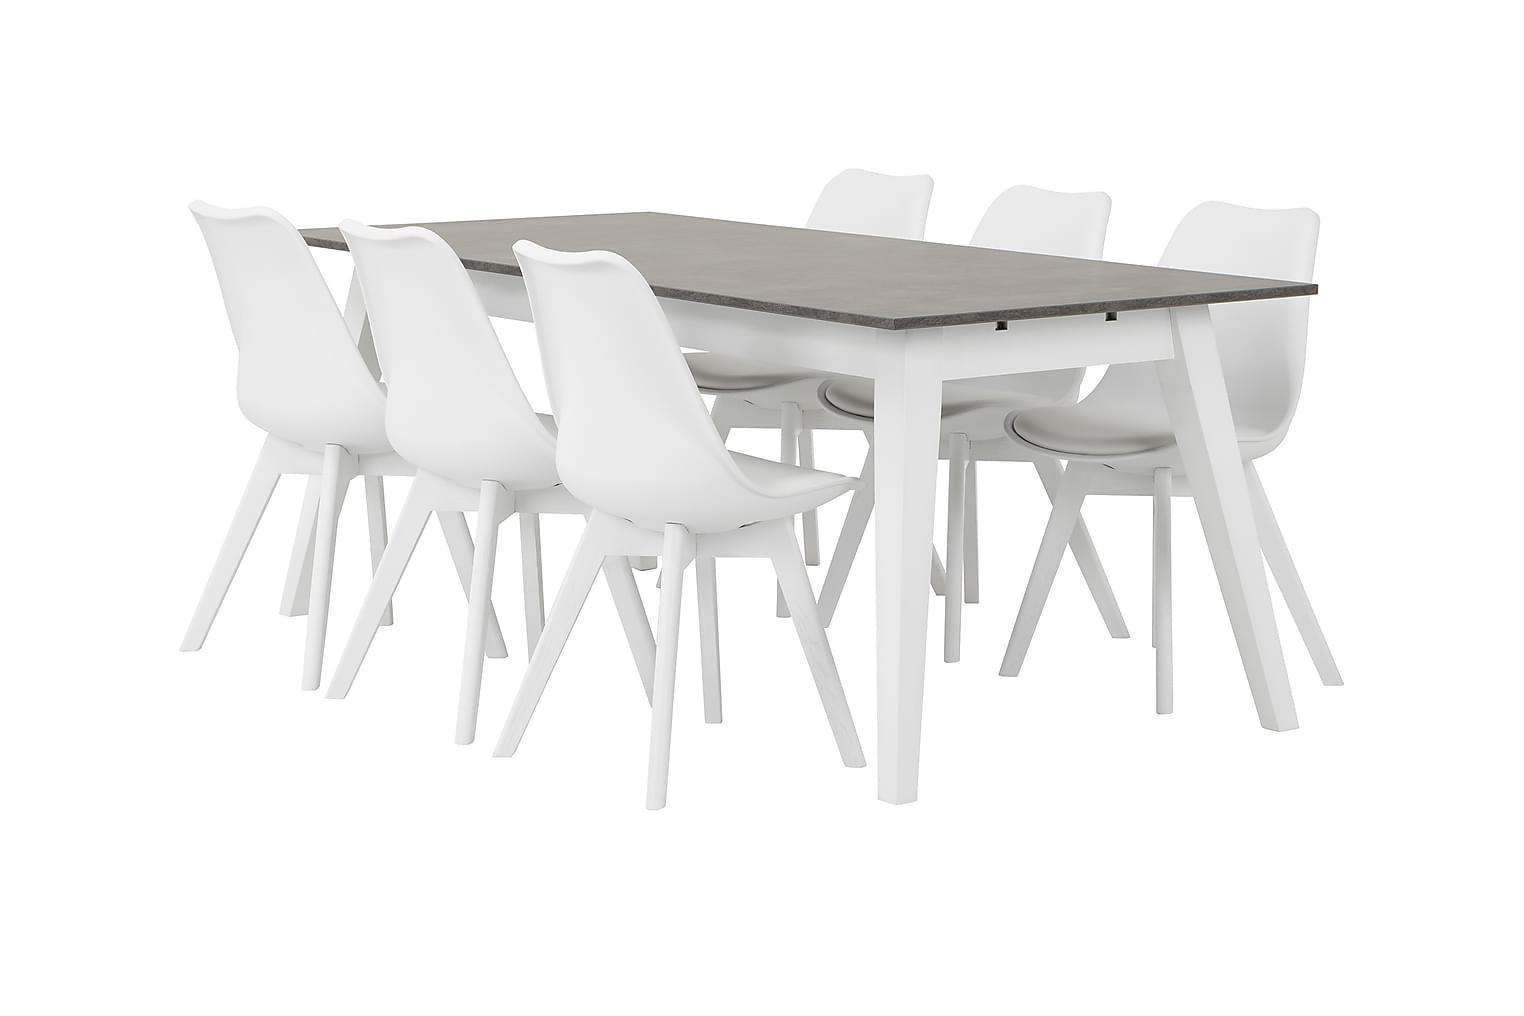 GRIMSTAD Pöytä 190 Betoni/Valkoinen + 6 PEACE Tuoli Valkoine